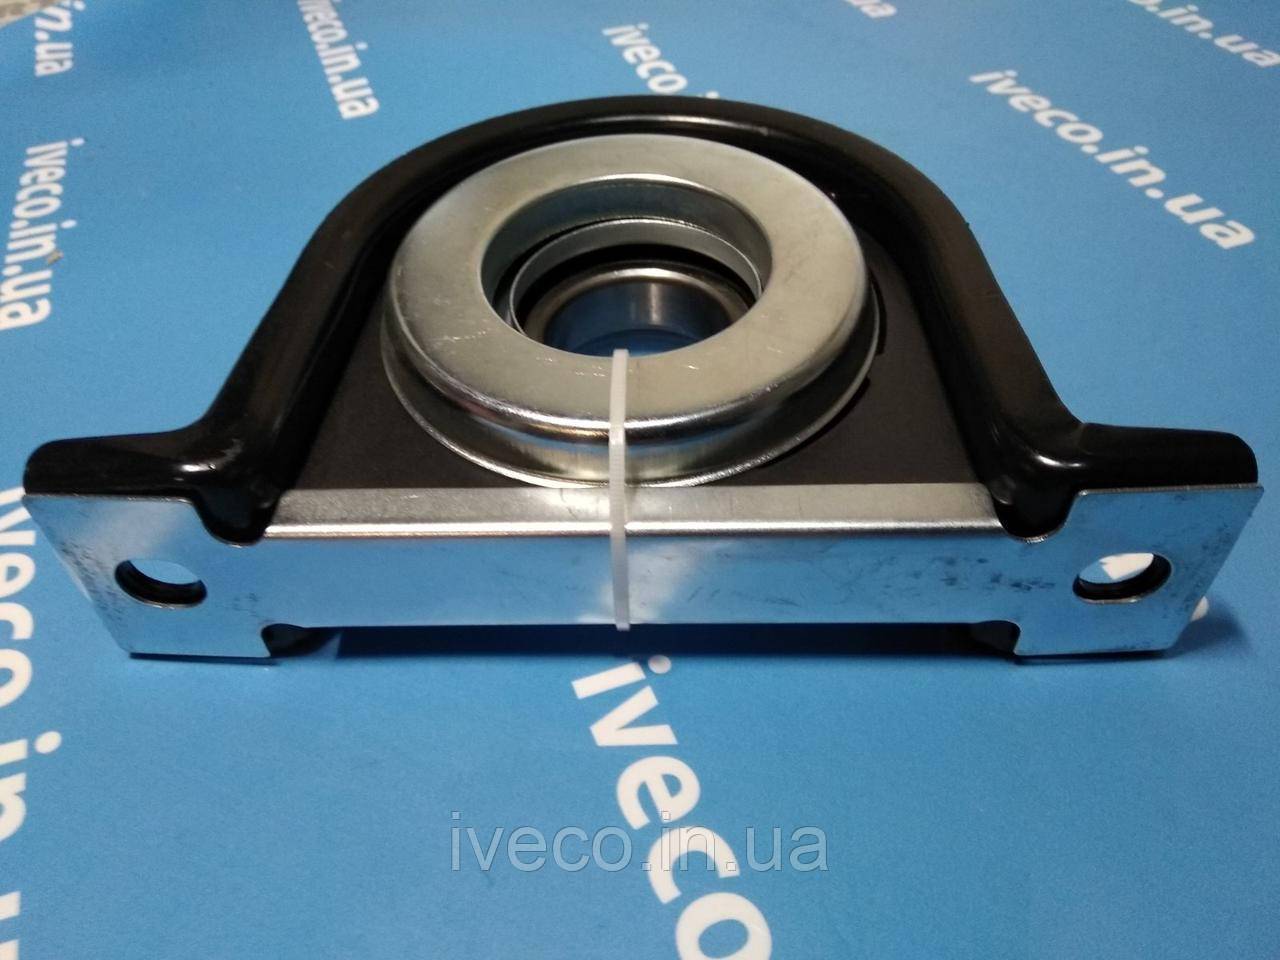 Подвесной карданного вала IVECO EuroCargo Ивеко Еврокарго 42536523 5000821936 20845657 5000287986 D=45MM